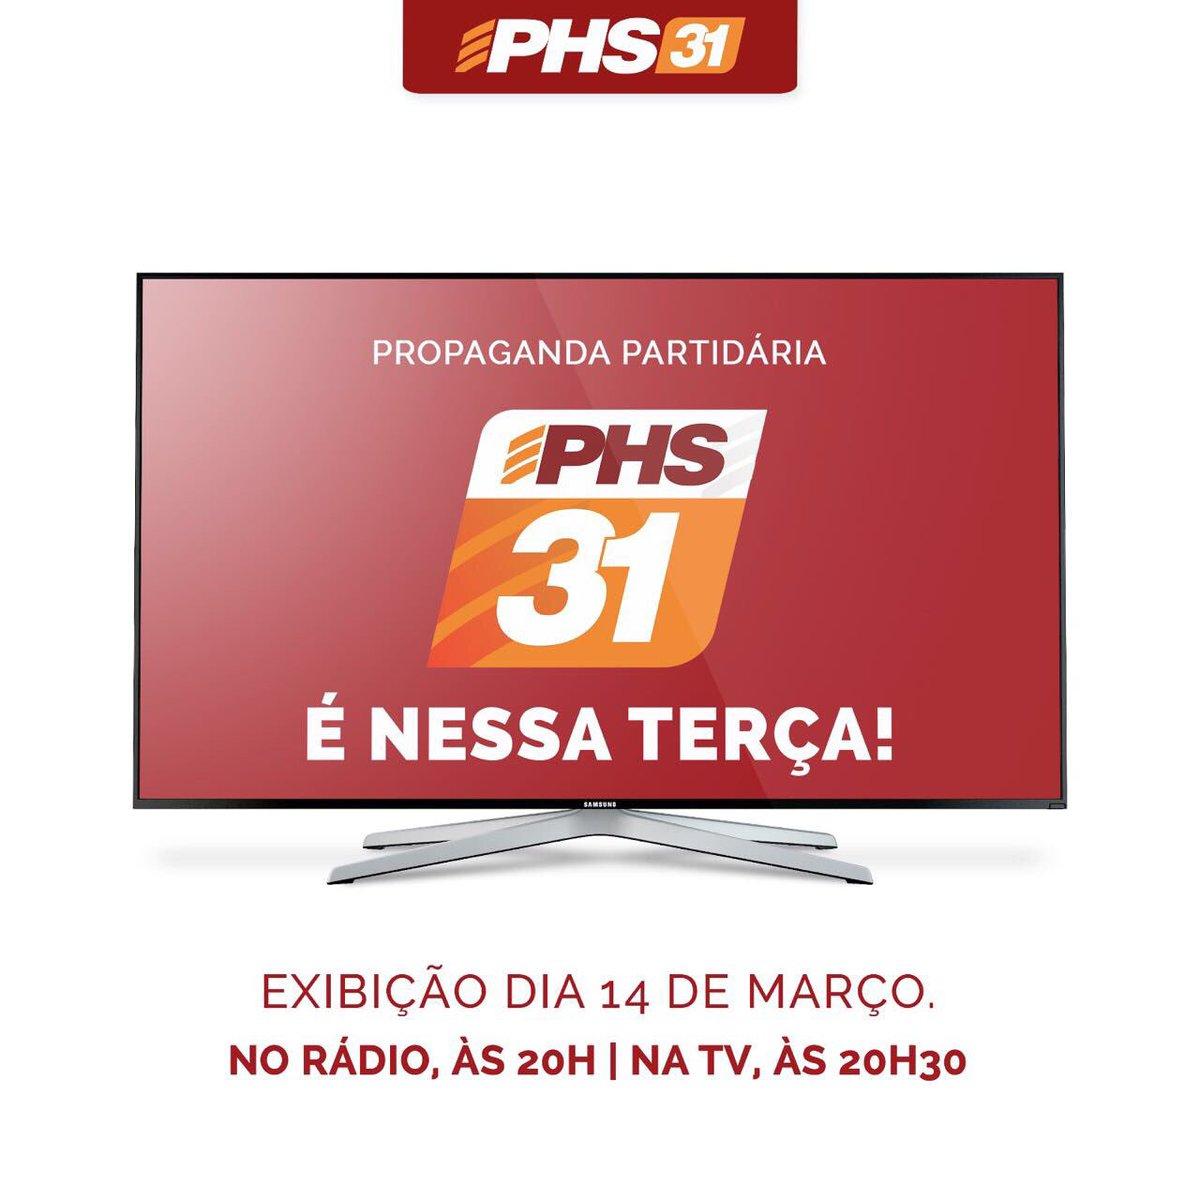 Fique atento!! Já já, às 20:30, tem PHS em rede nacional de TV. Assista. https://t.co/E7SvOIQWKc